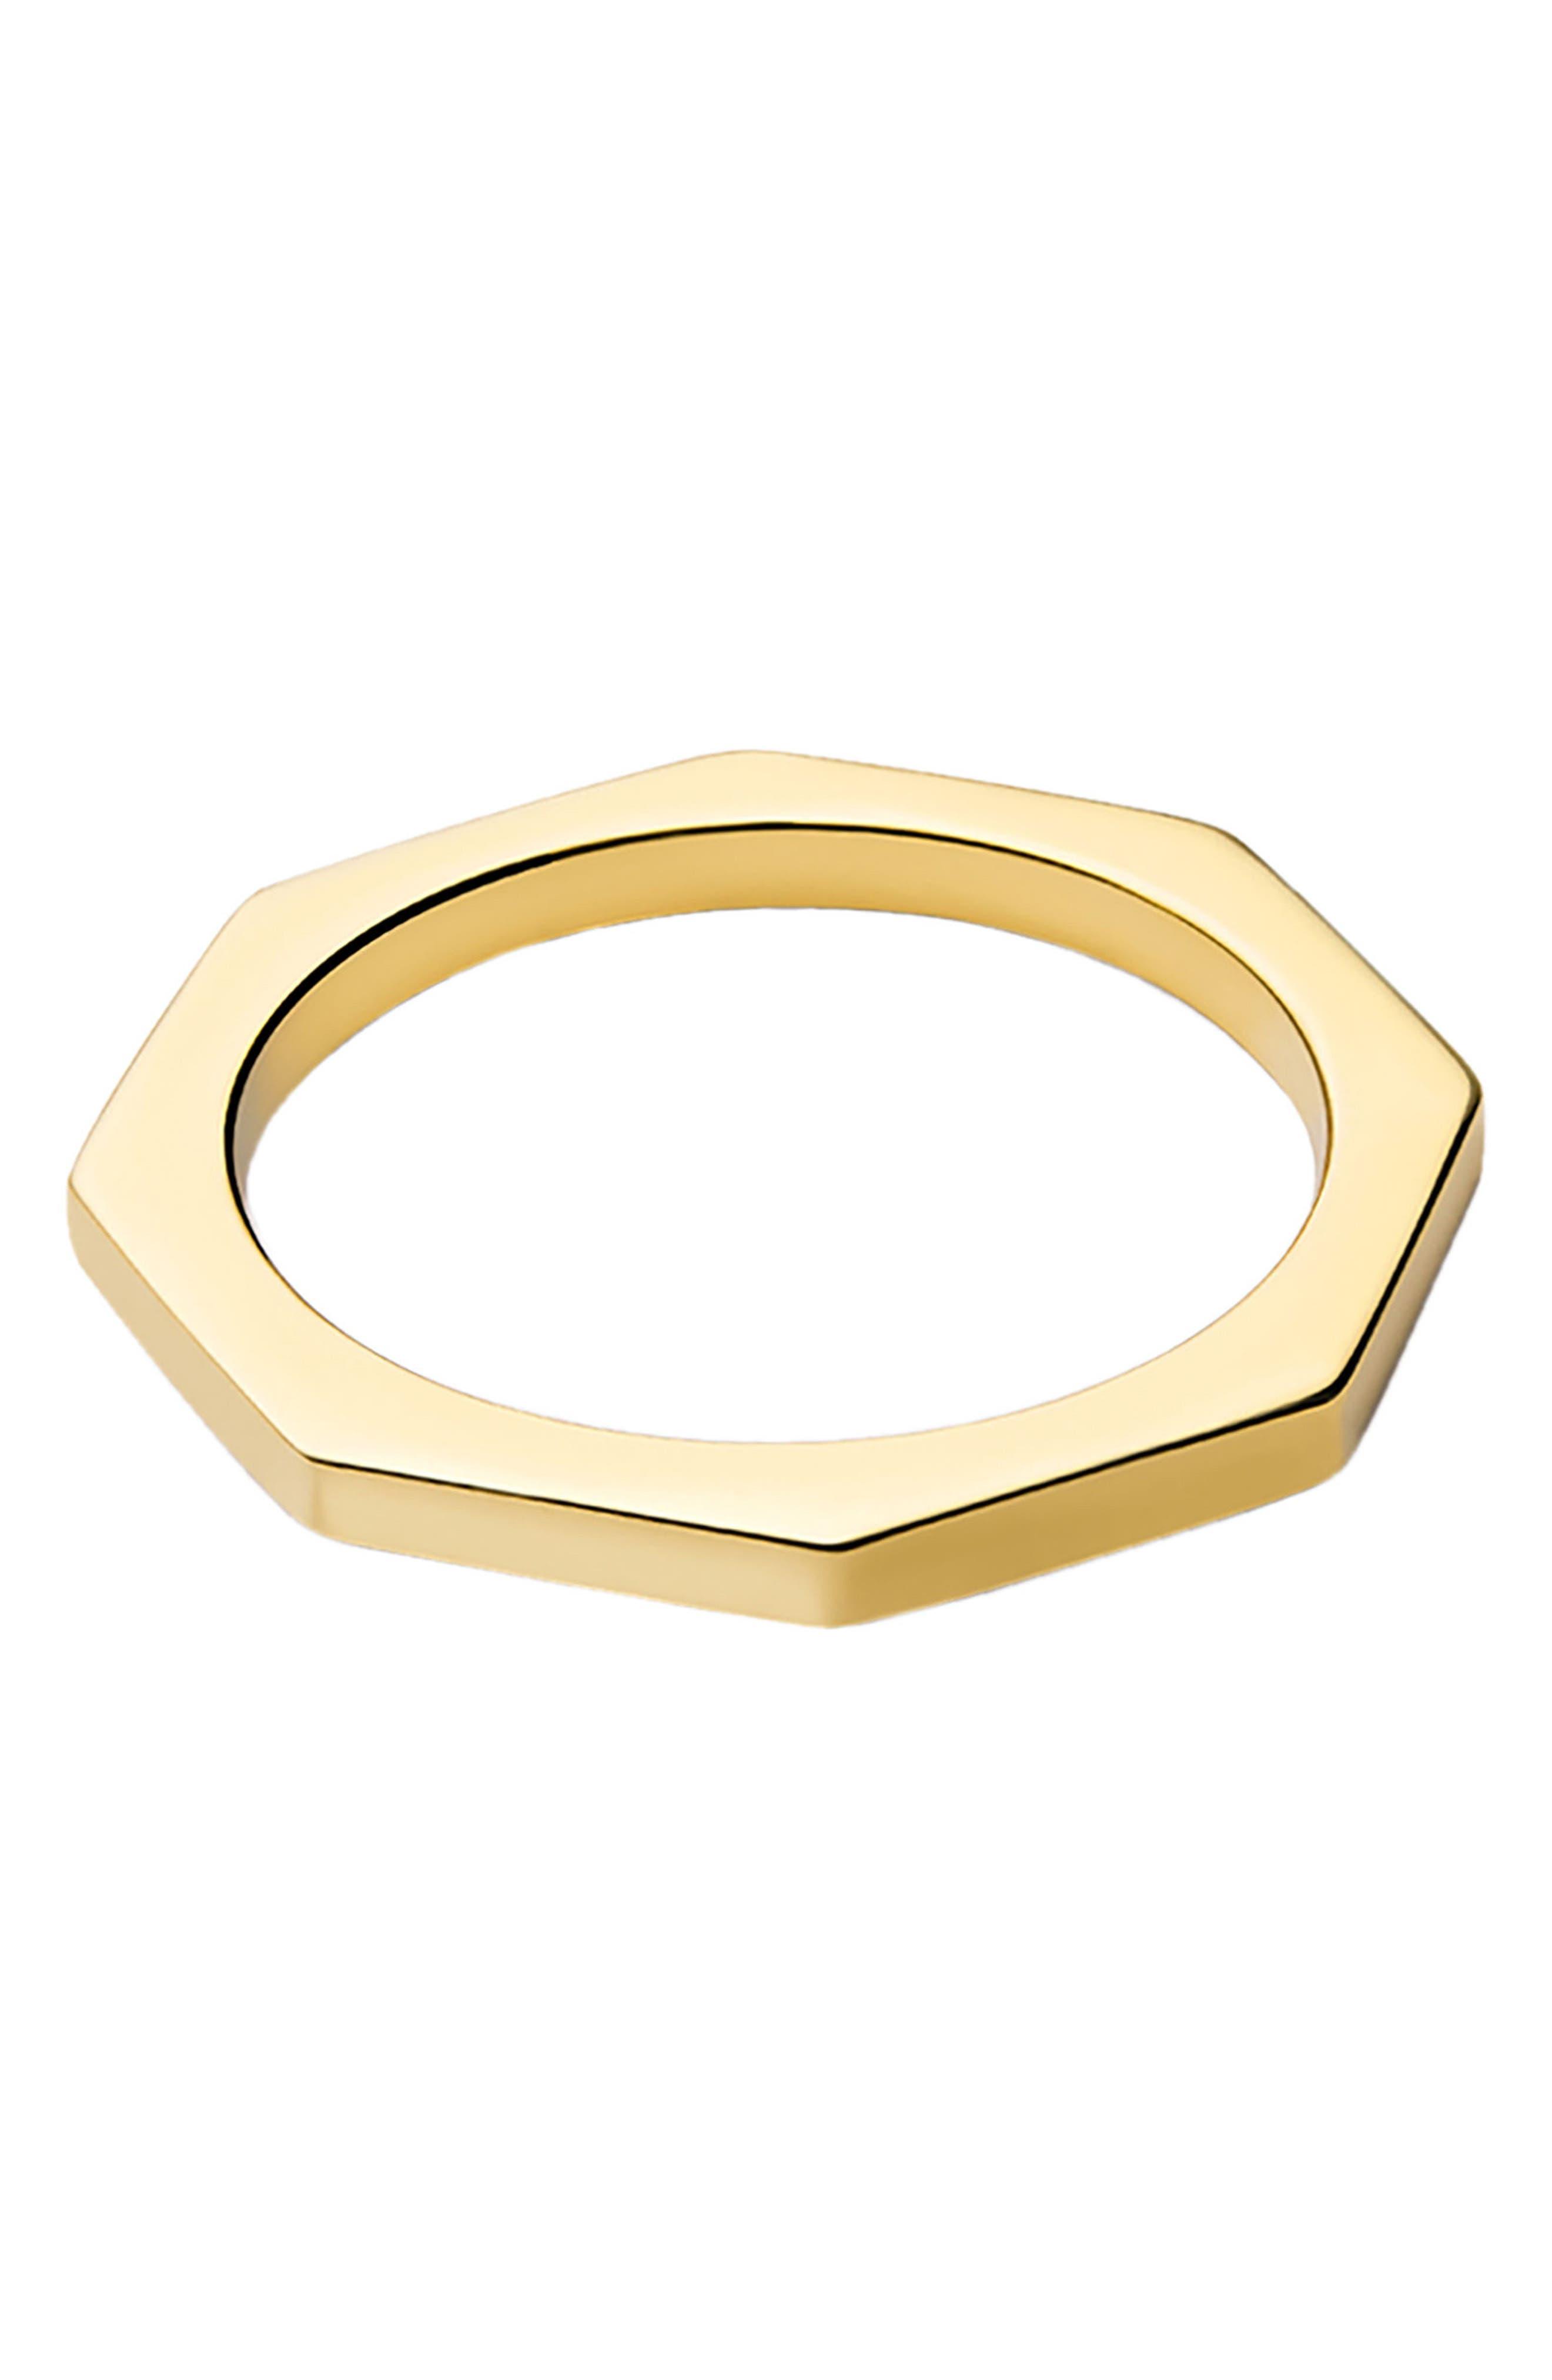 Main Image - Miansai Bly Ring